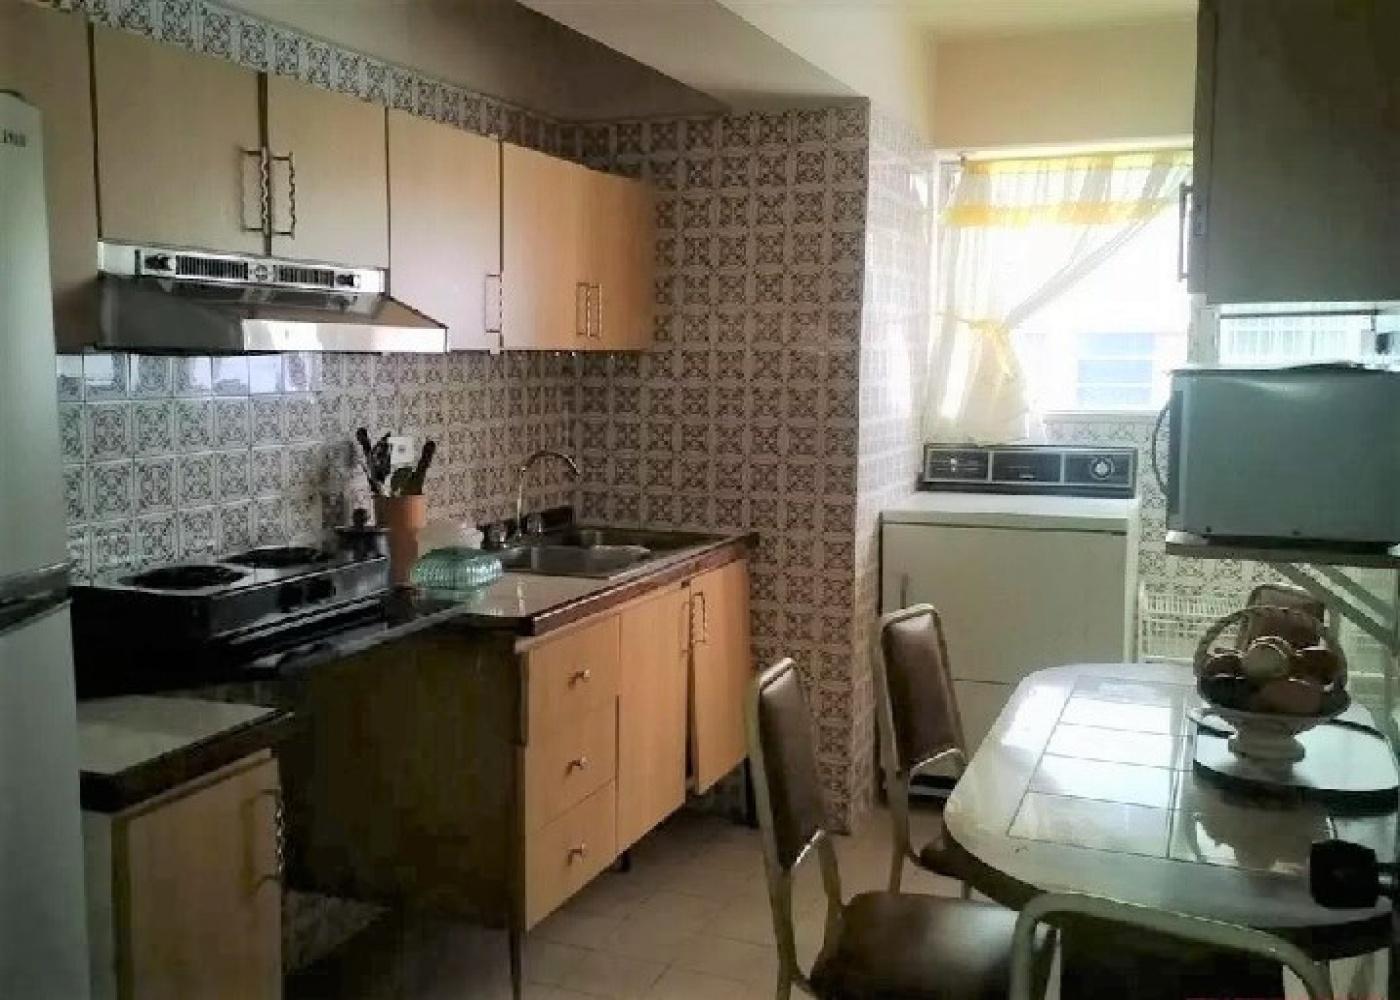 A,Caracas,Gran Caracas,2 Bedrooms Bedrooms,2 BathroomsBathrooms,Apartamento,Residencias Los Ruices,A,1026